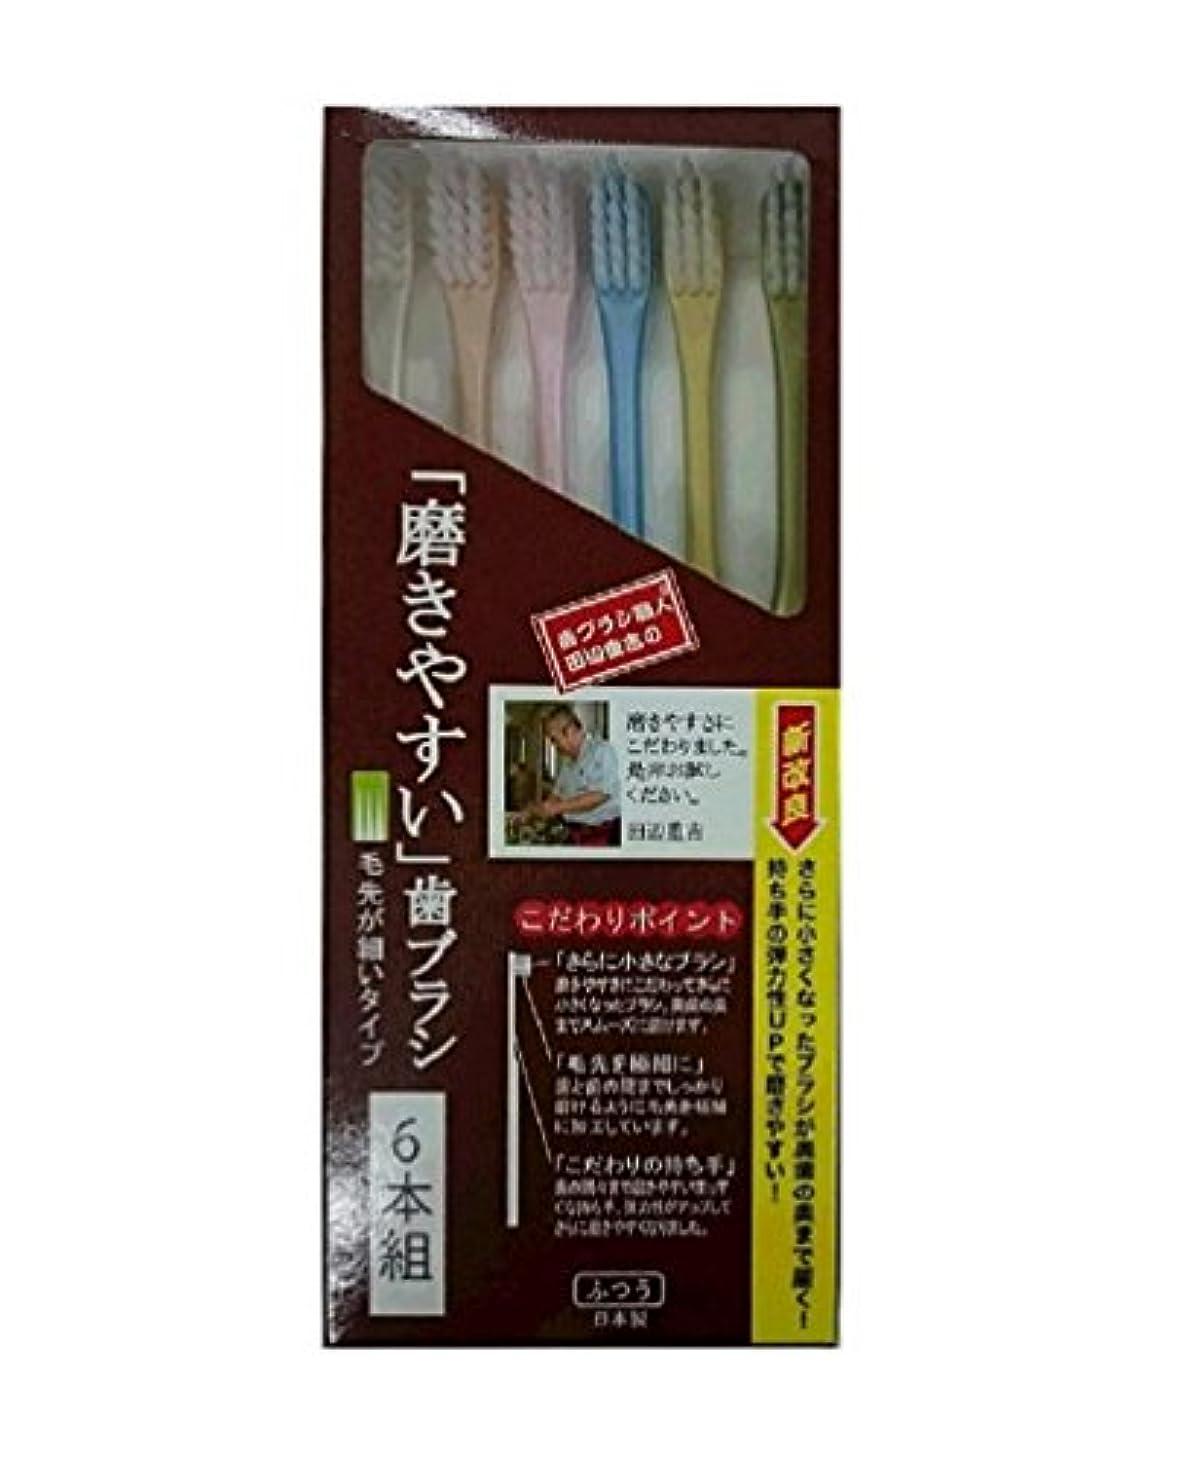 仕方レタッチ改修する歯ブラシ職人 田辺重吉考案 磨きやすい歯ブラシ 先細 6本組